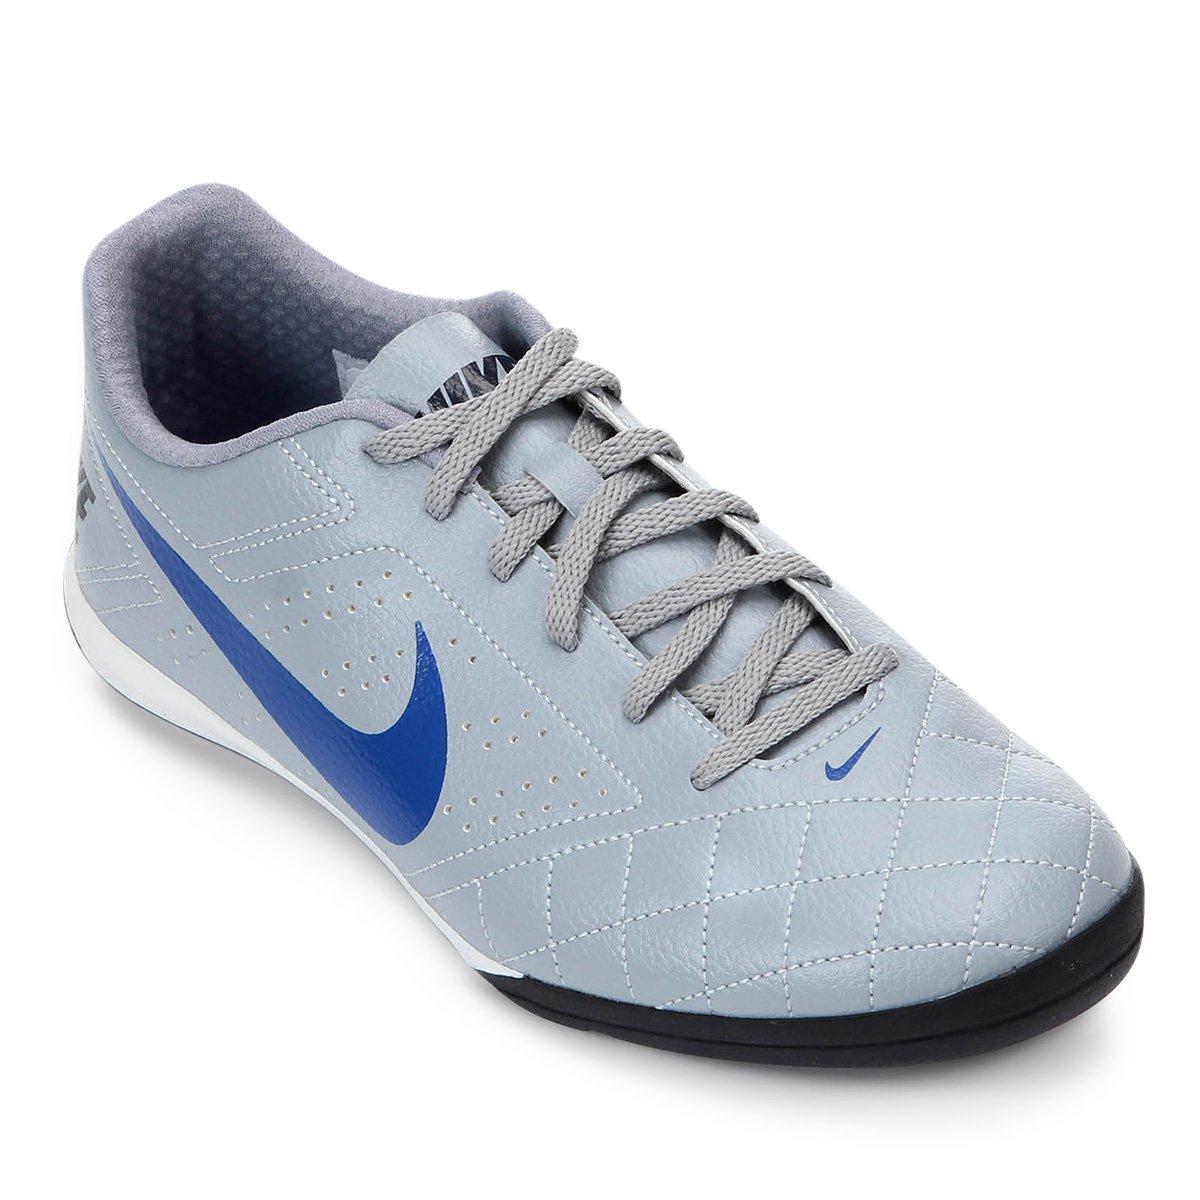 8d30f3e463bb2 Chuteira Nike Beco 2 - Cinza e Branco - Compre Agora